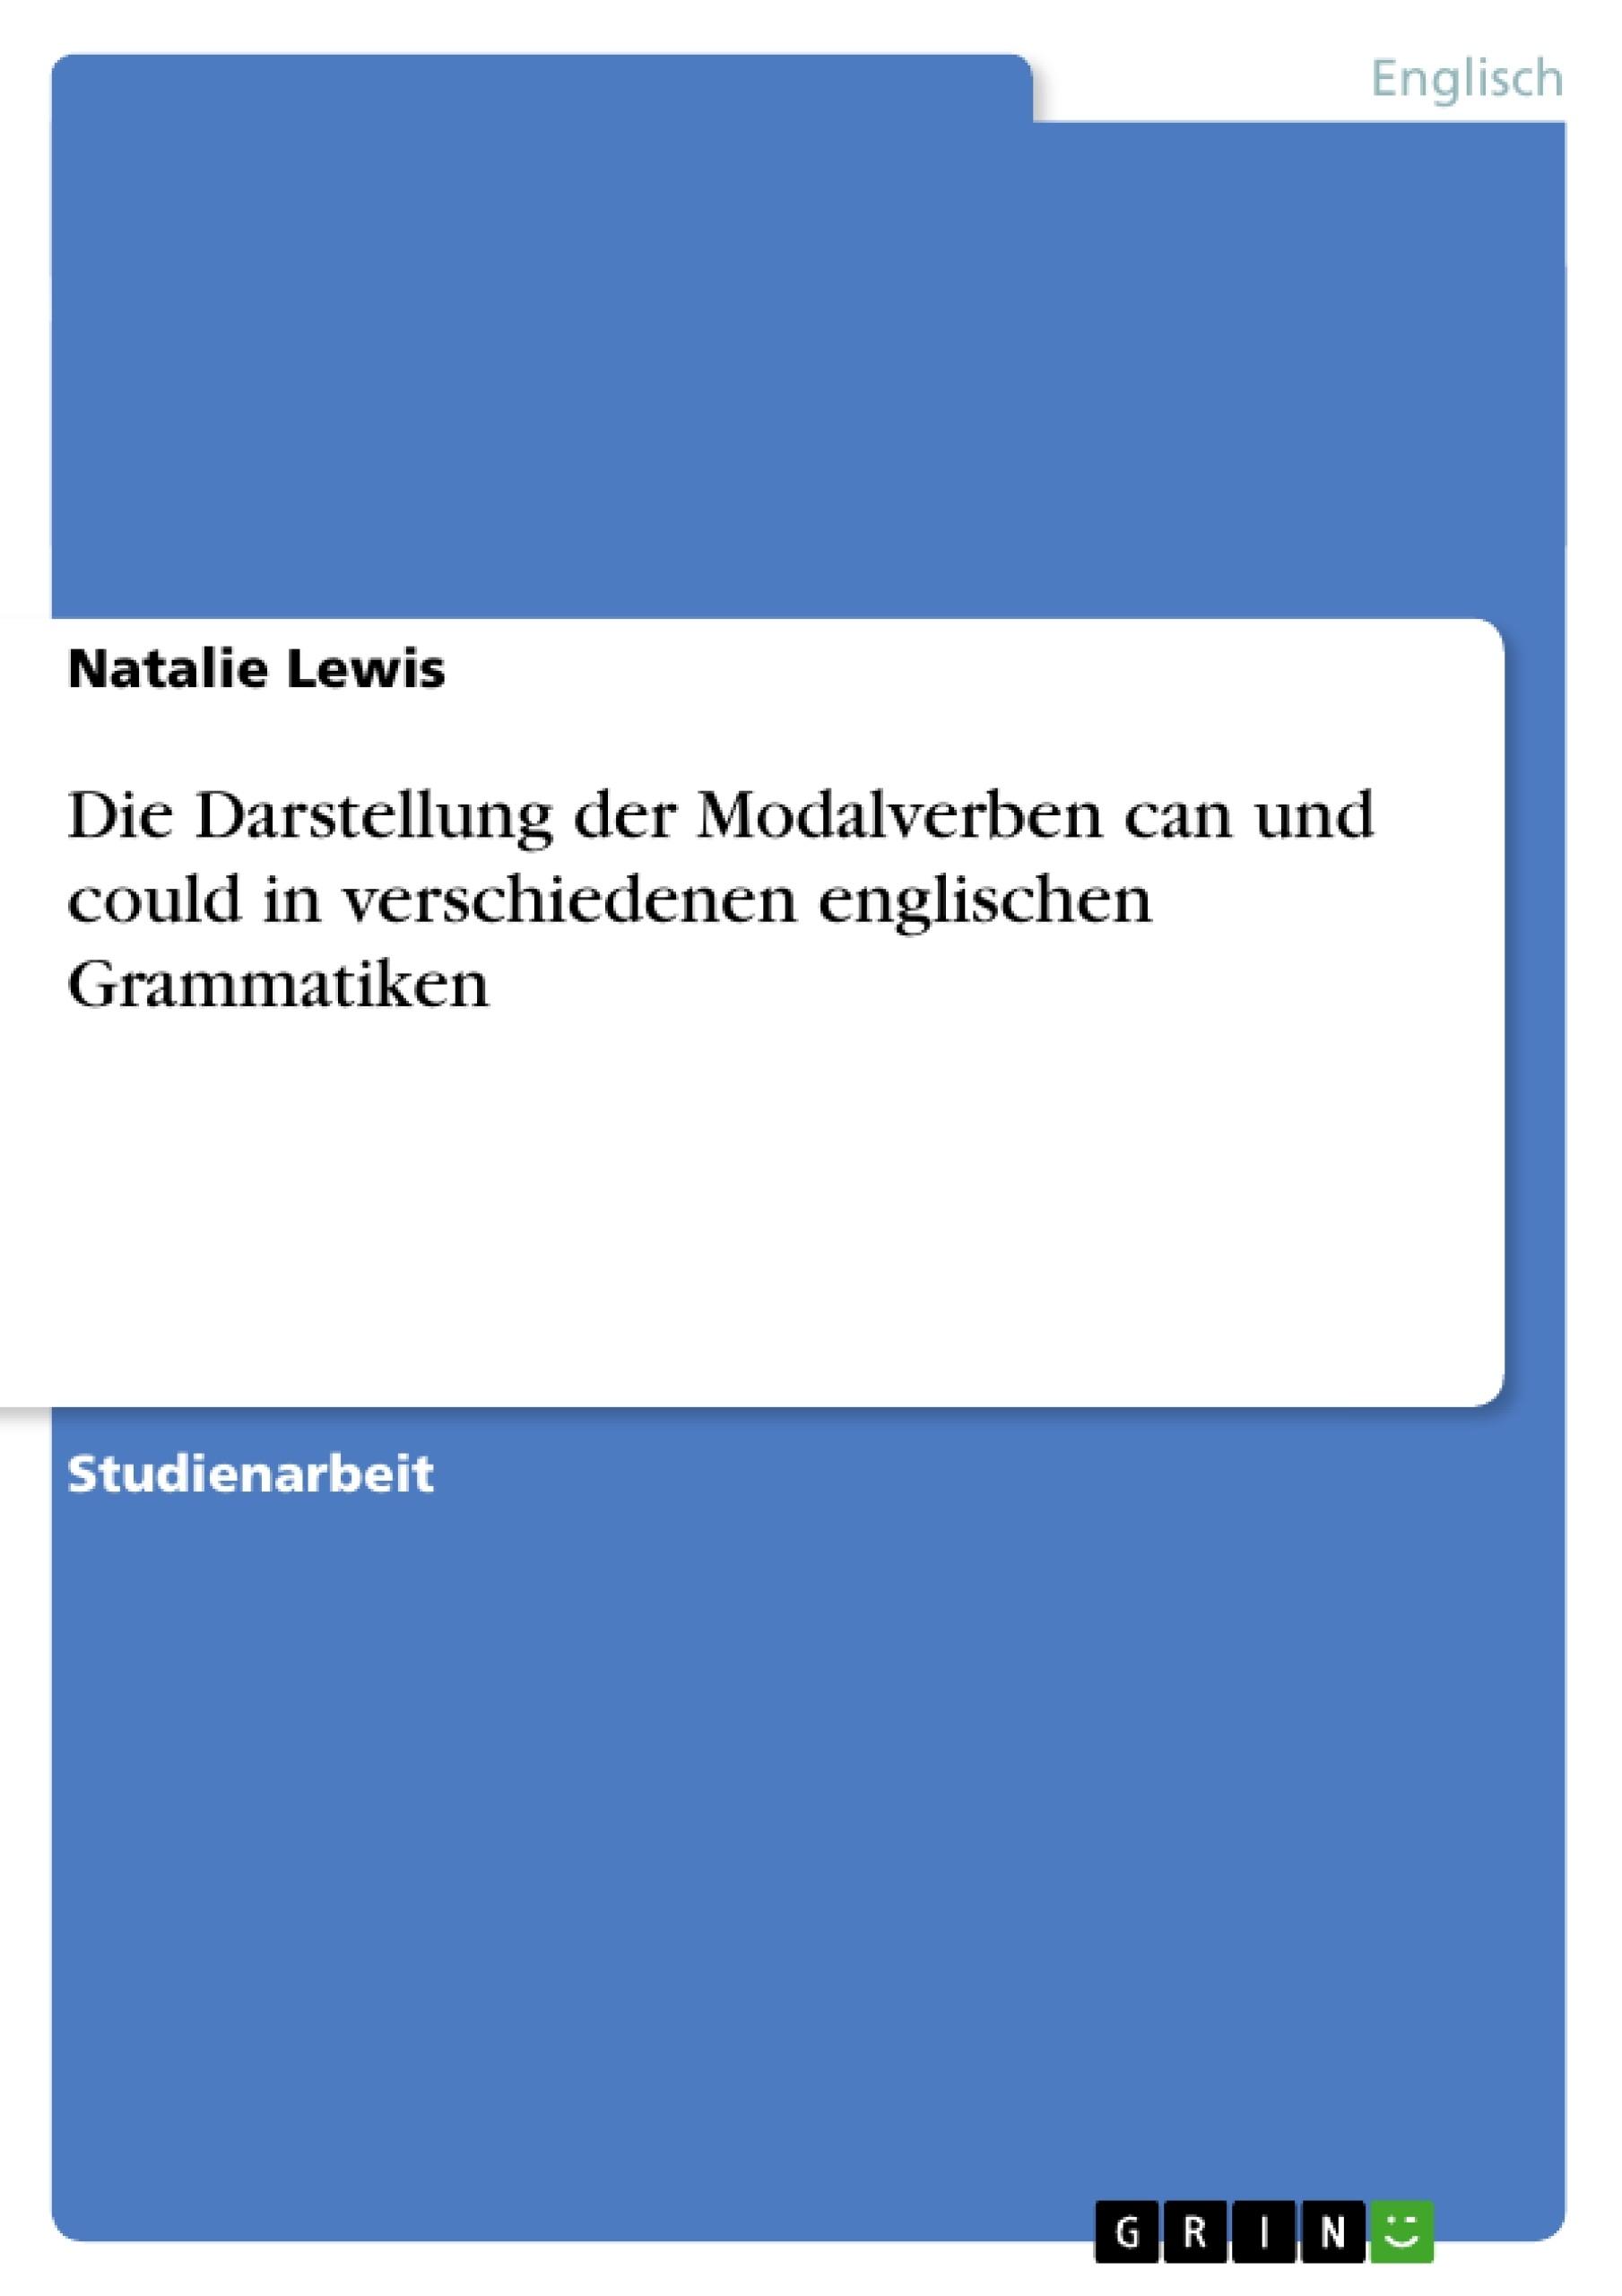 Titel: Die Darstellung der Modalverben can und could in verschiedenen englischen Grammatiken